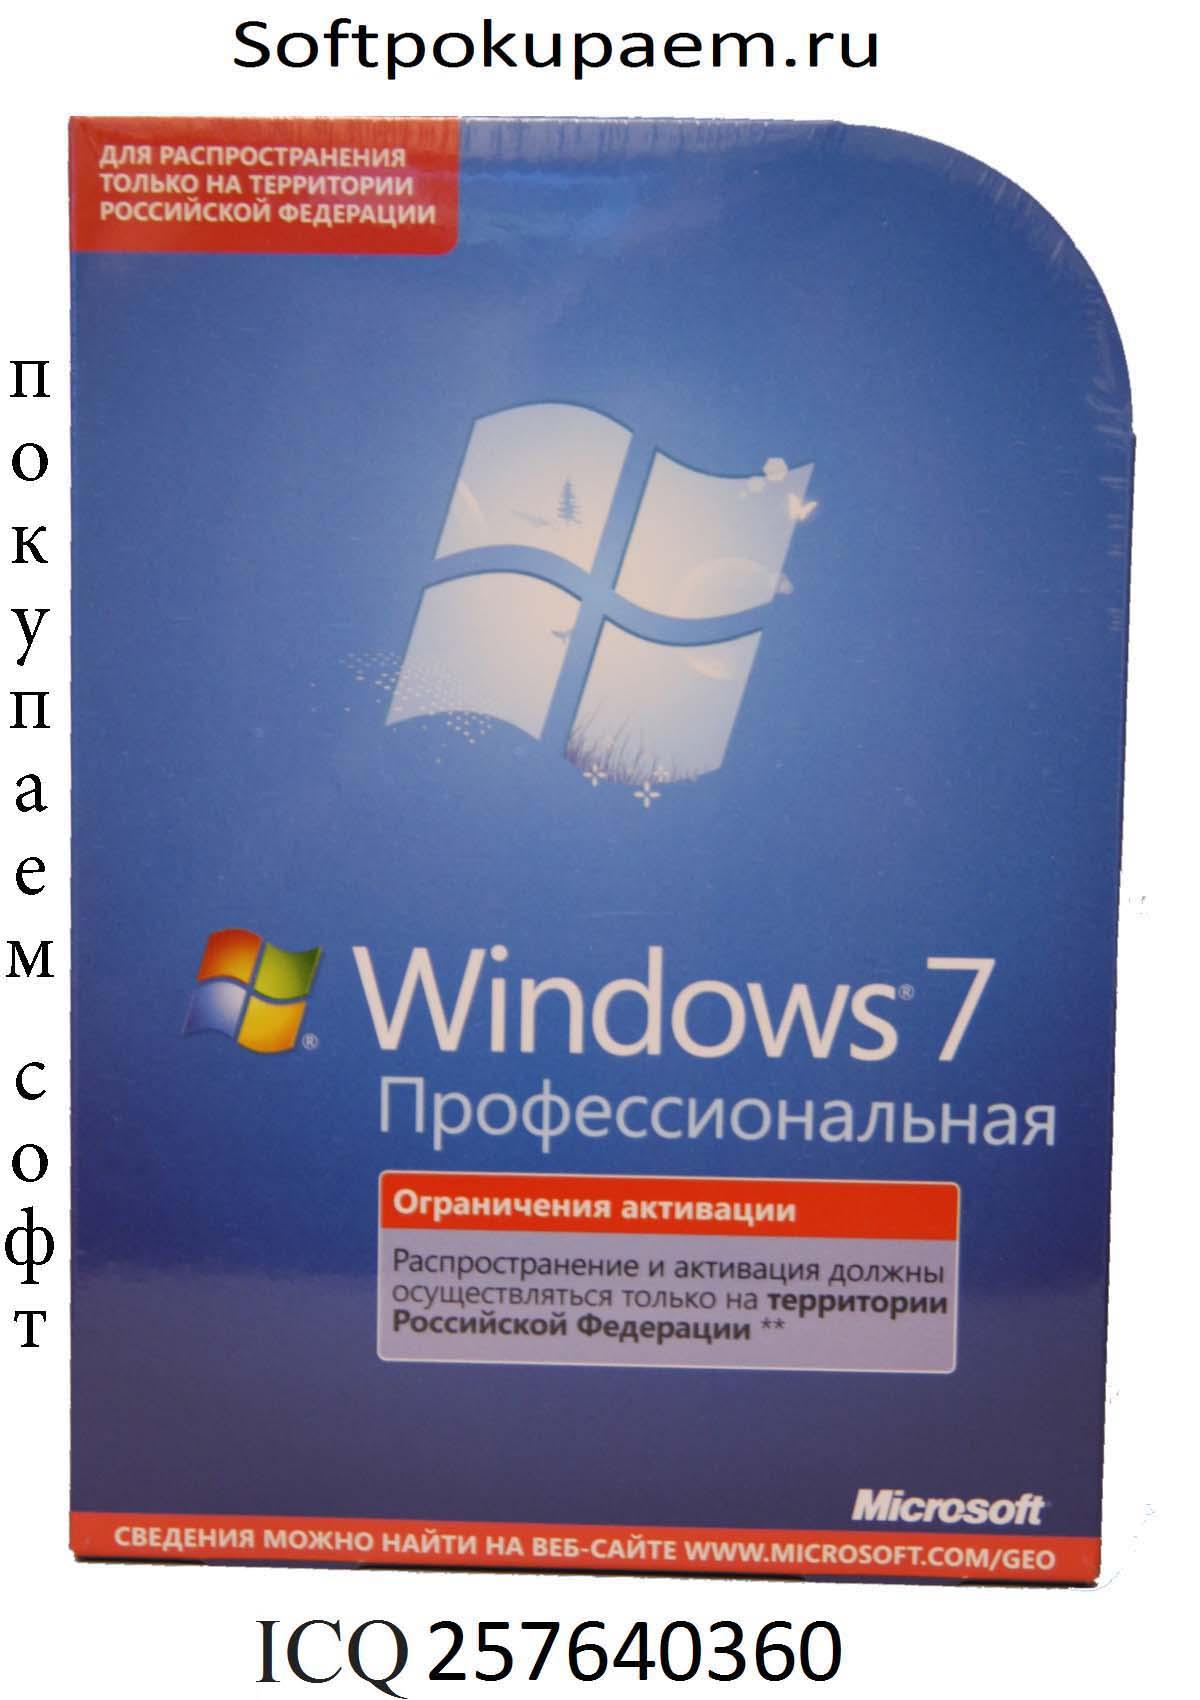 Приобретаем Майкрософт, виндовсы, офисы, сервера